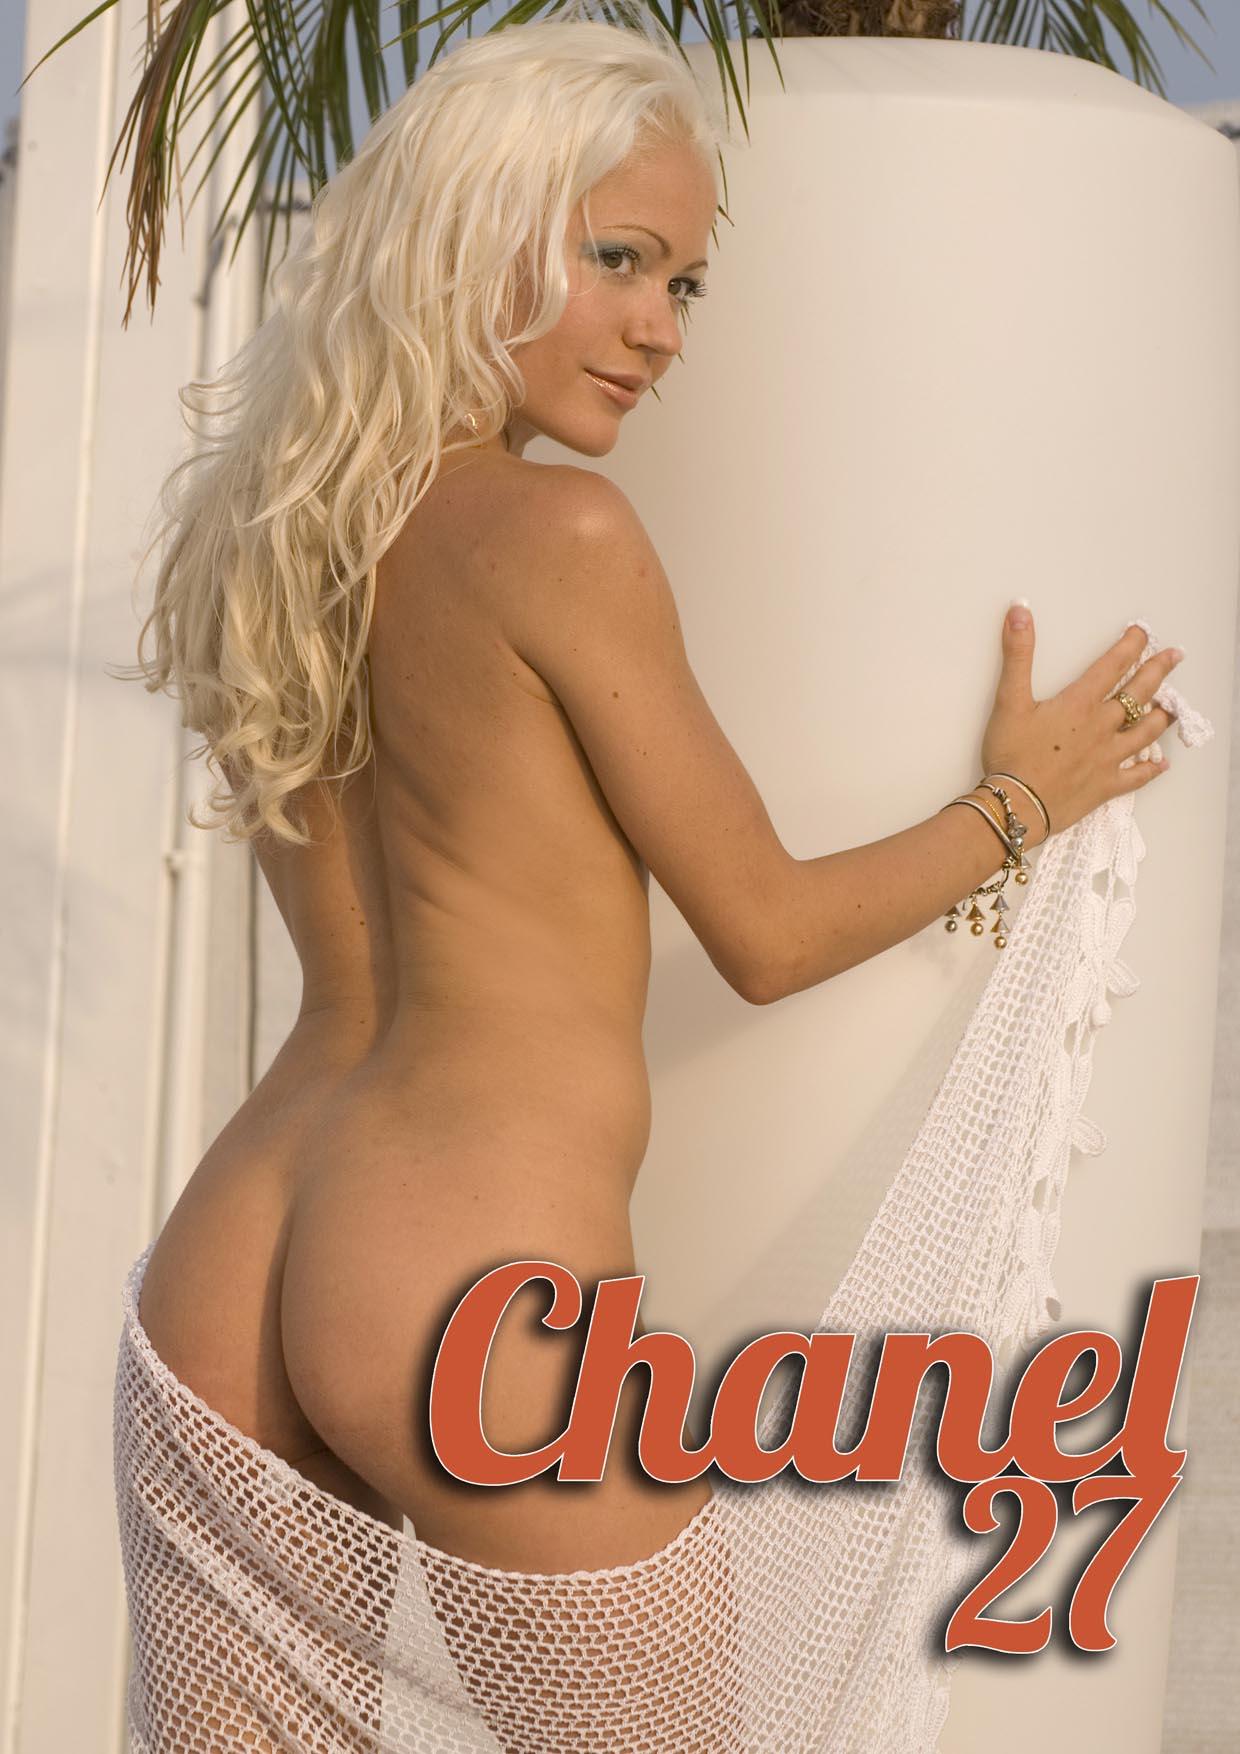 Chanel 27 0.jpg